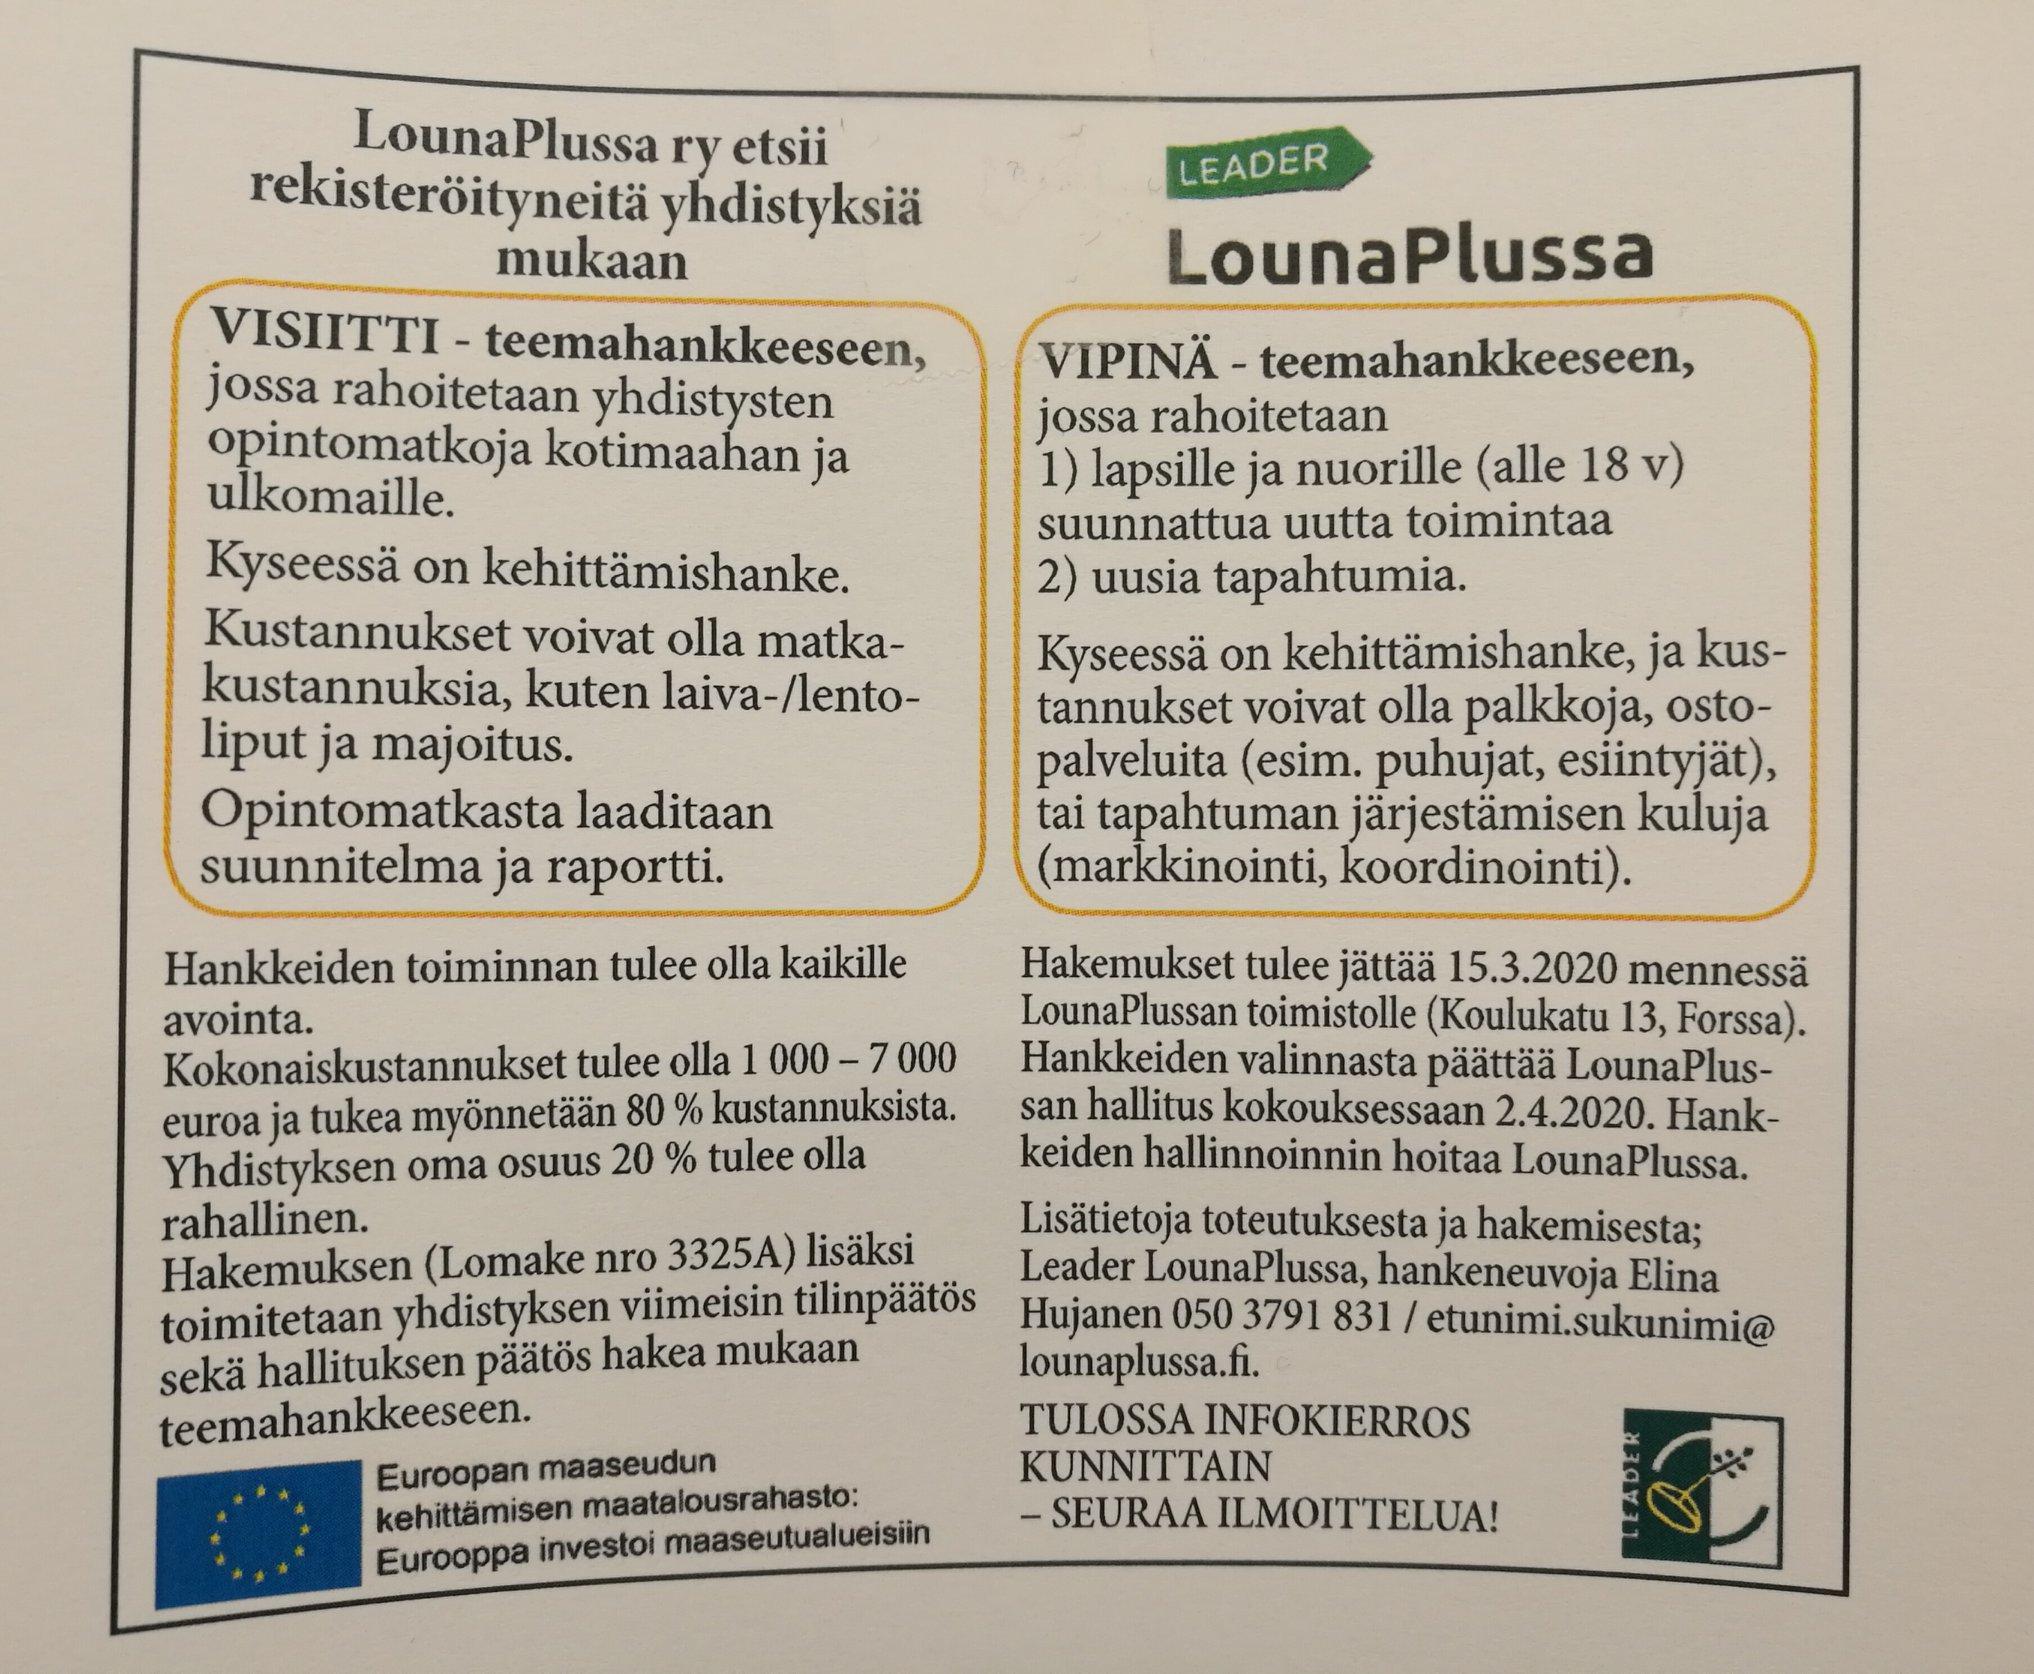 Lisätiedot: Hankeneuvoja Elina Hujanen puh. 050 379 1831 elina.hujanen@lounaplussa.fi